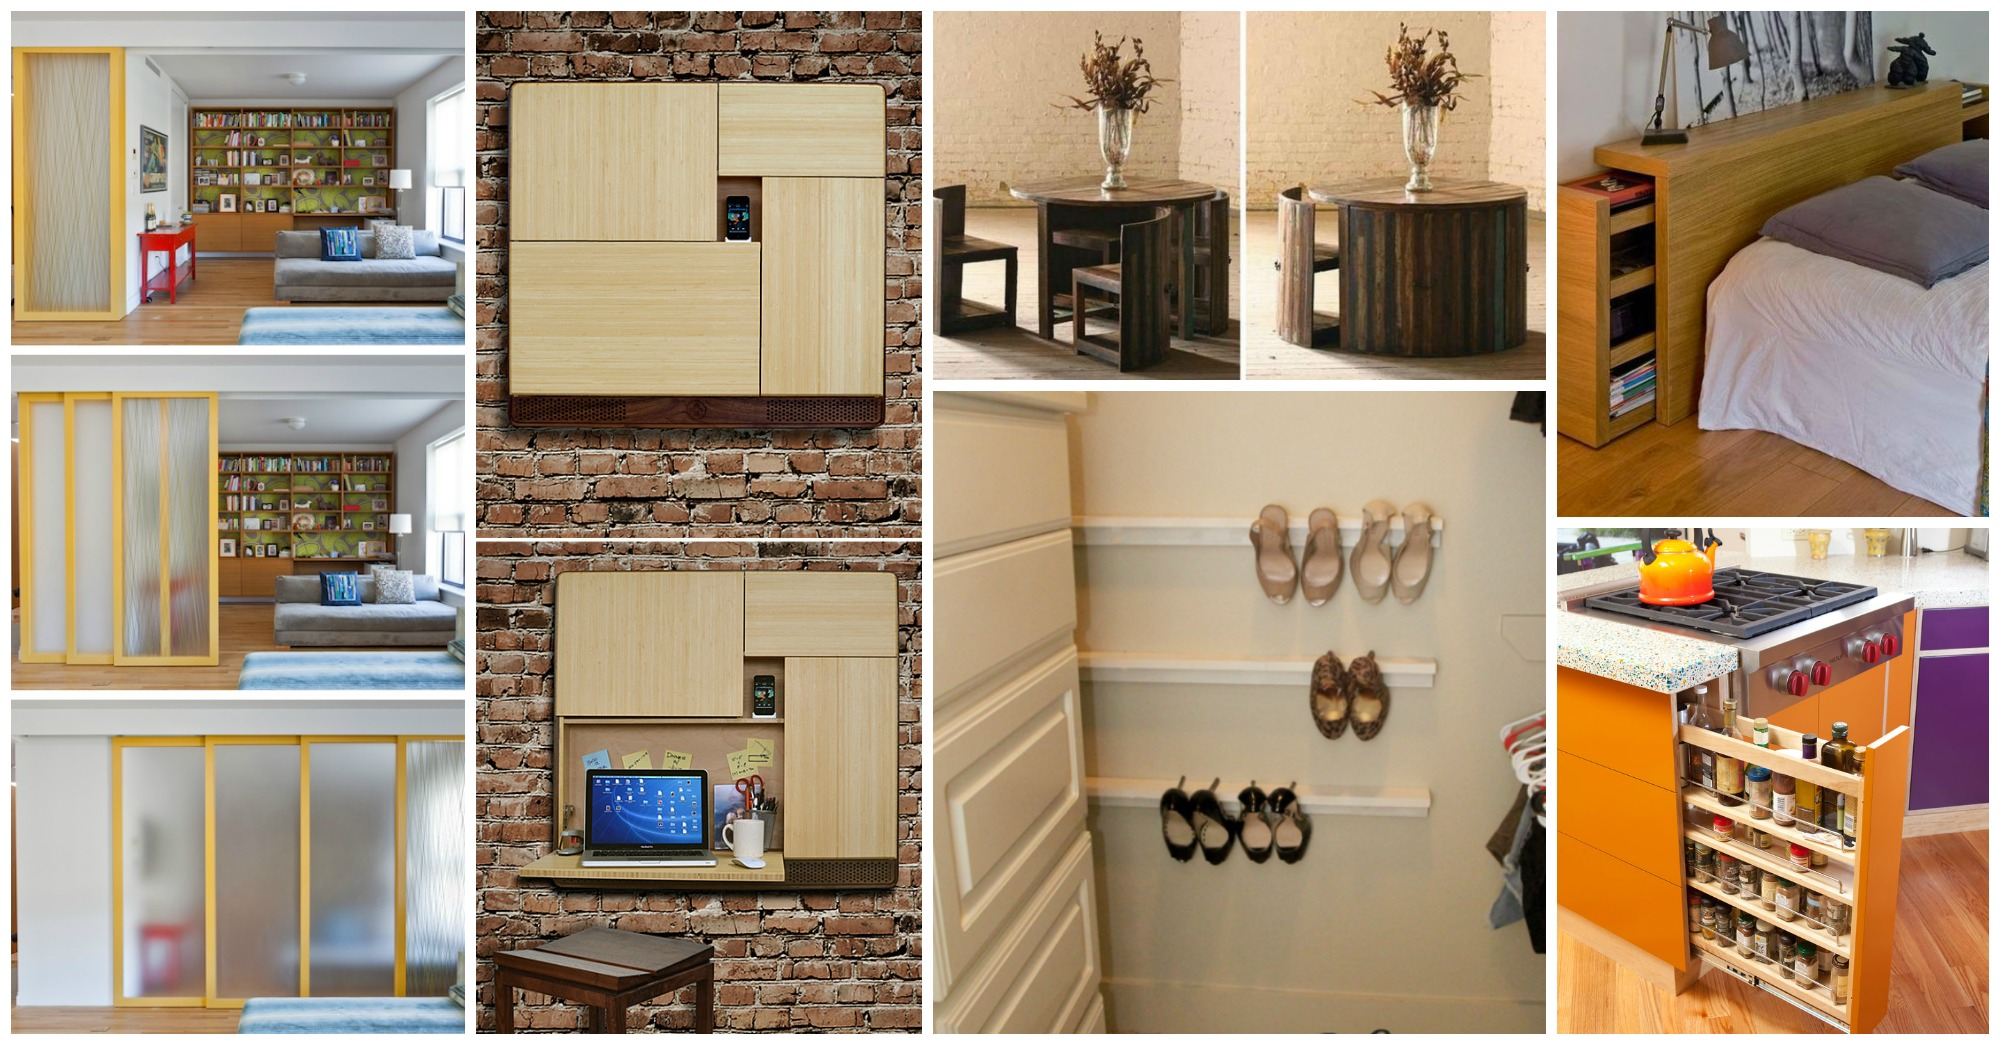 20 ideas incre bles para ahorrar espacio que har n tu for Muebles practicos para casas pequenas